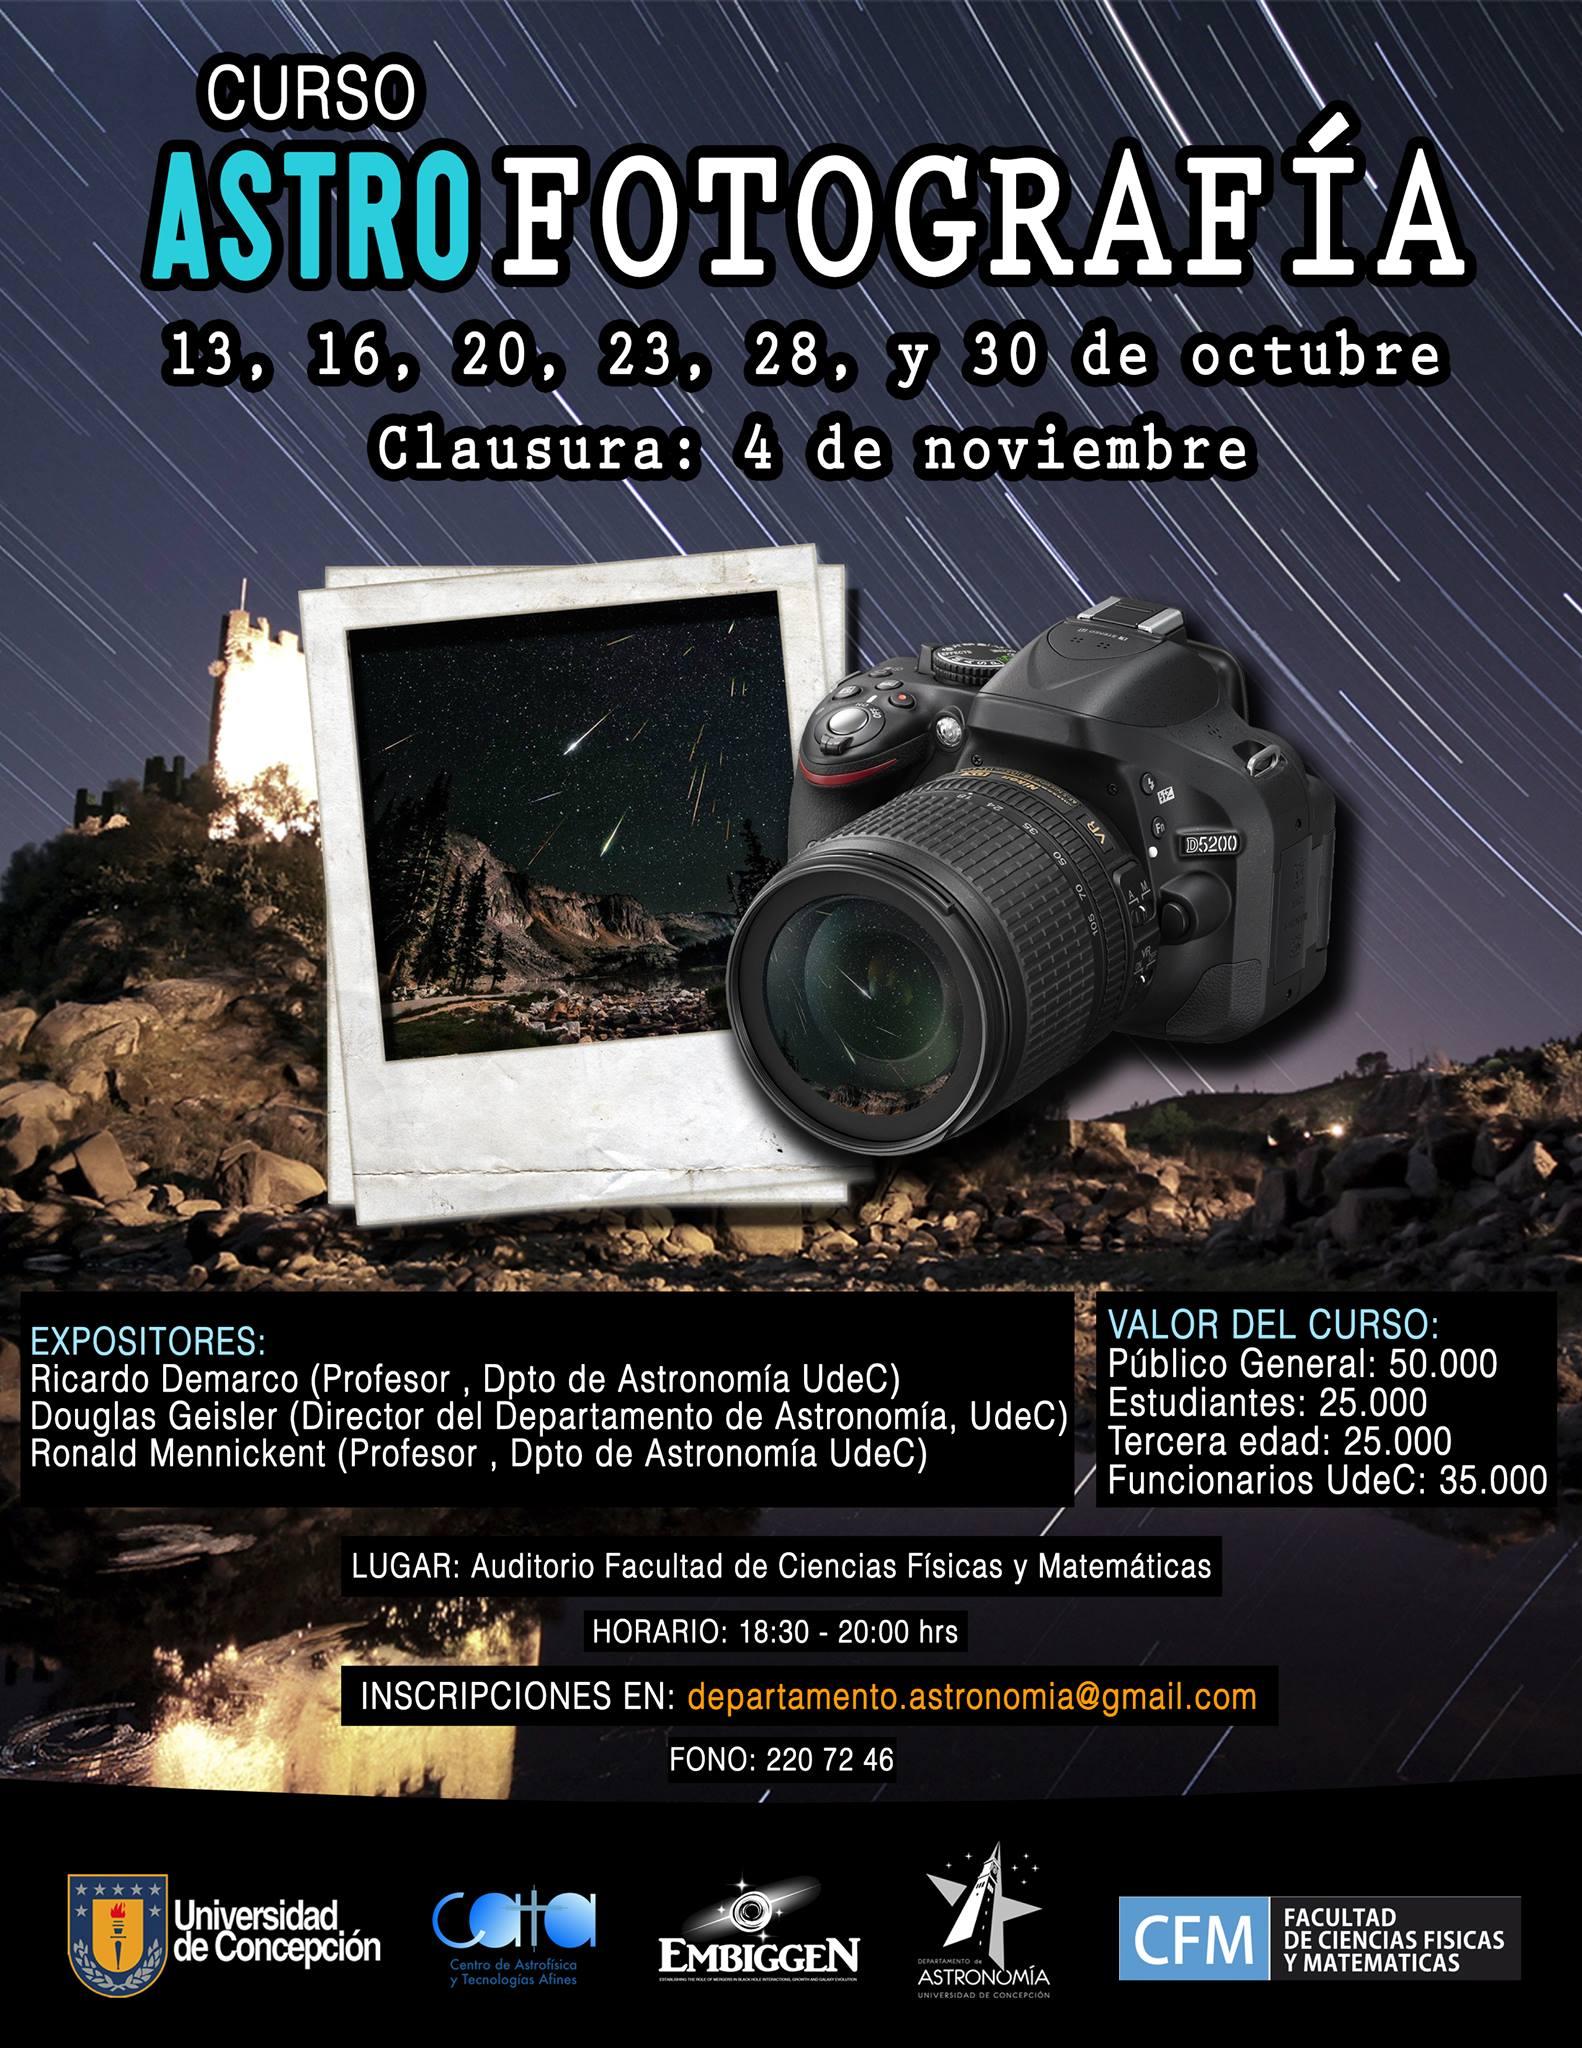 Curso de Astro-fotografía para aficionados